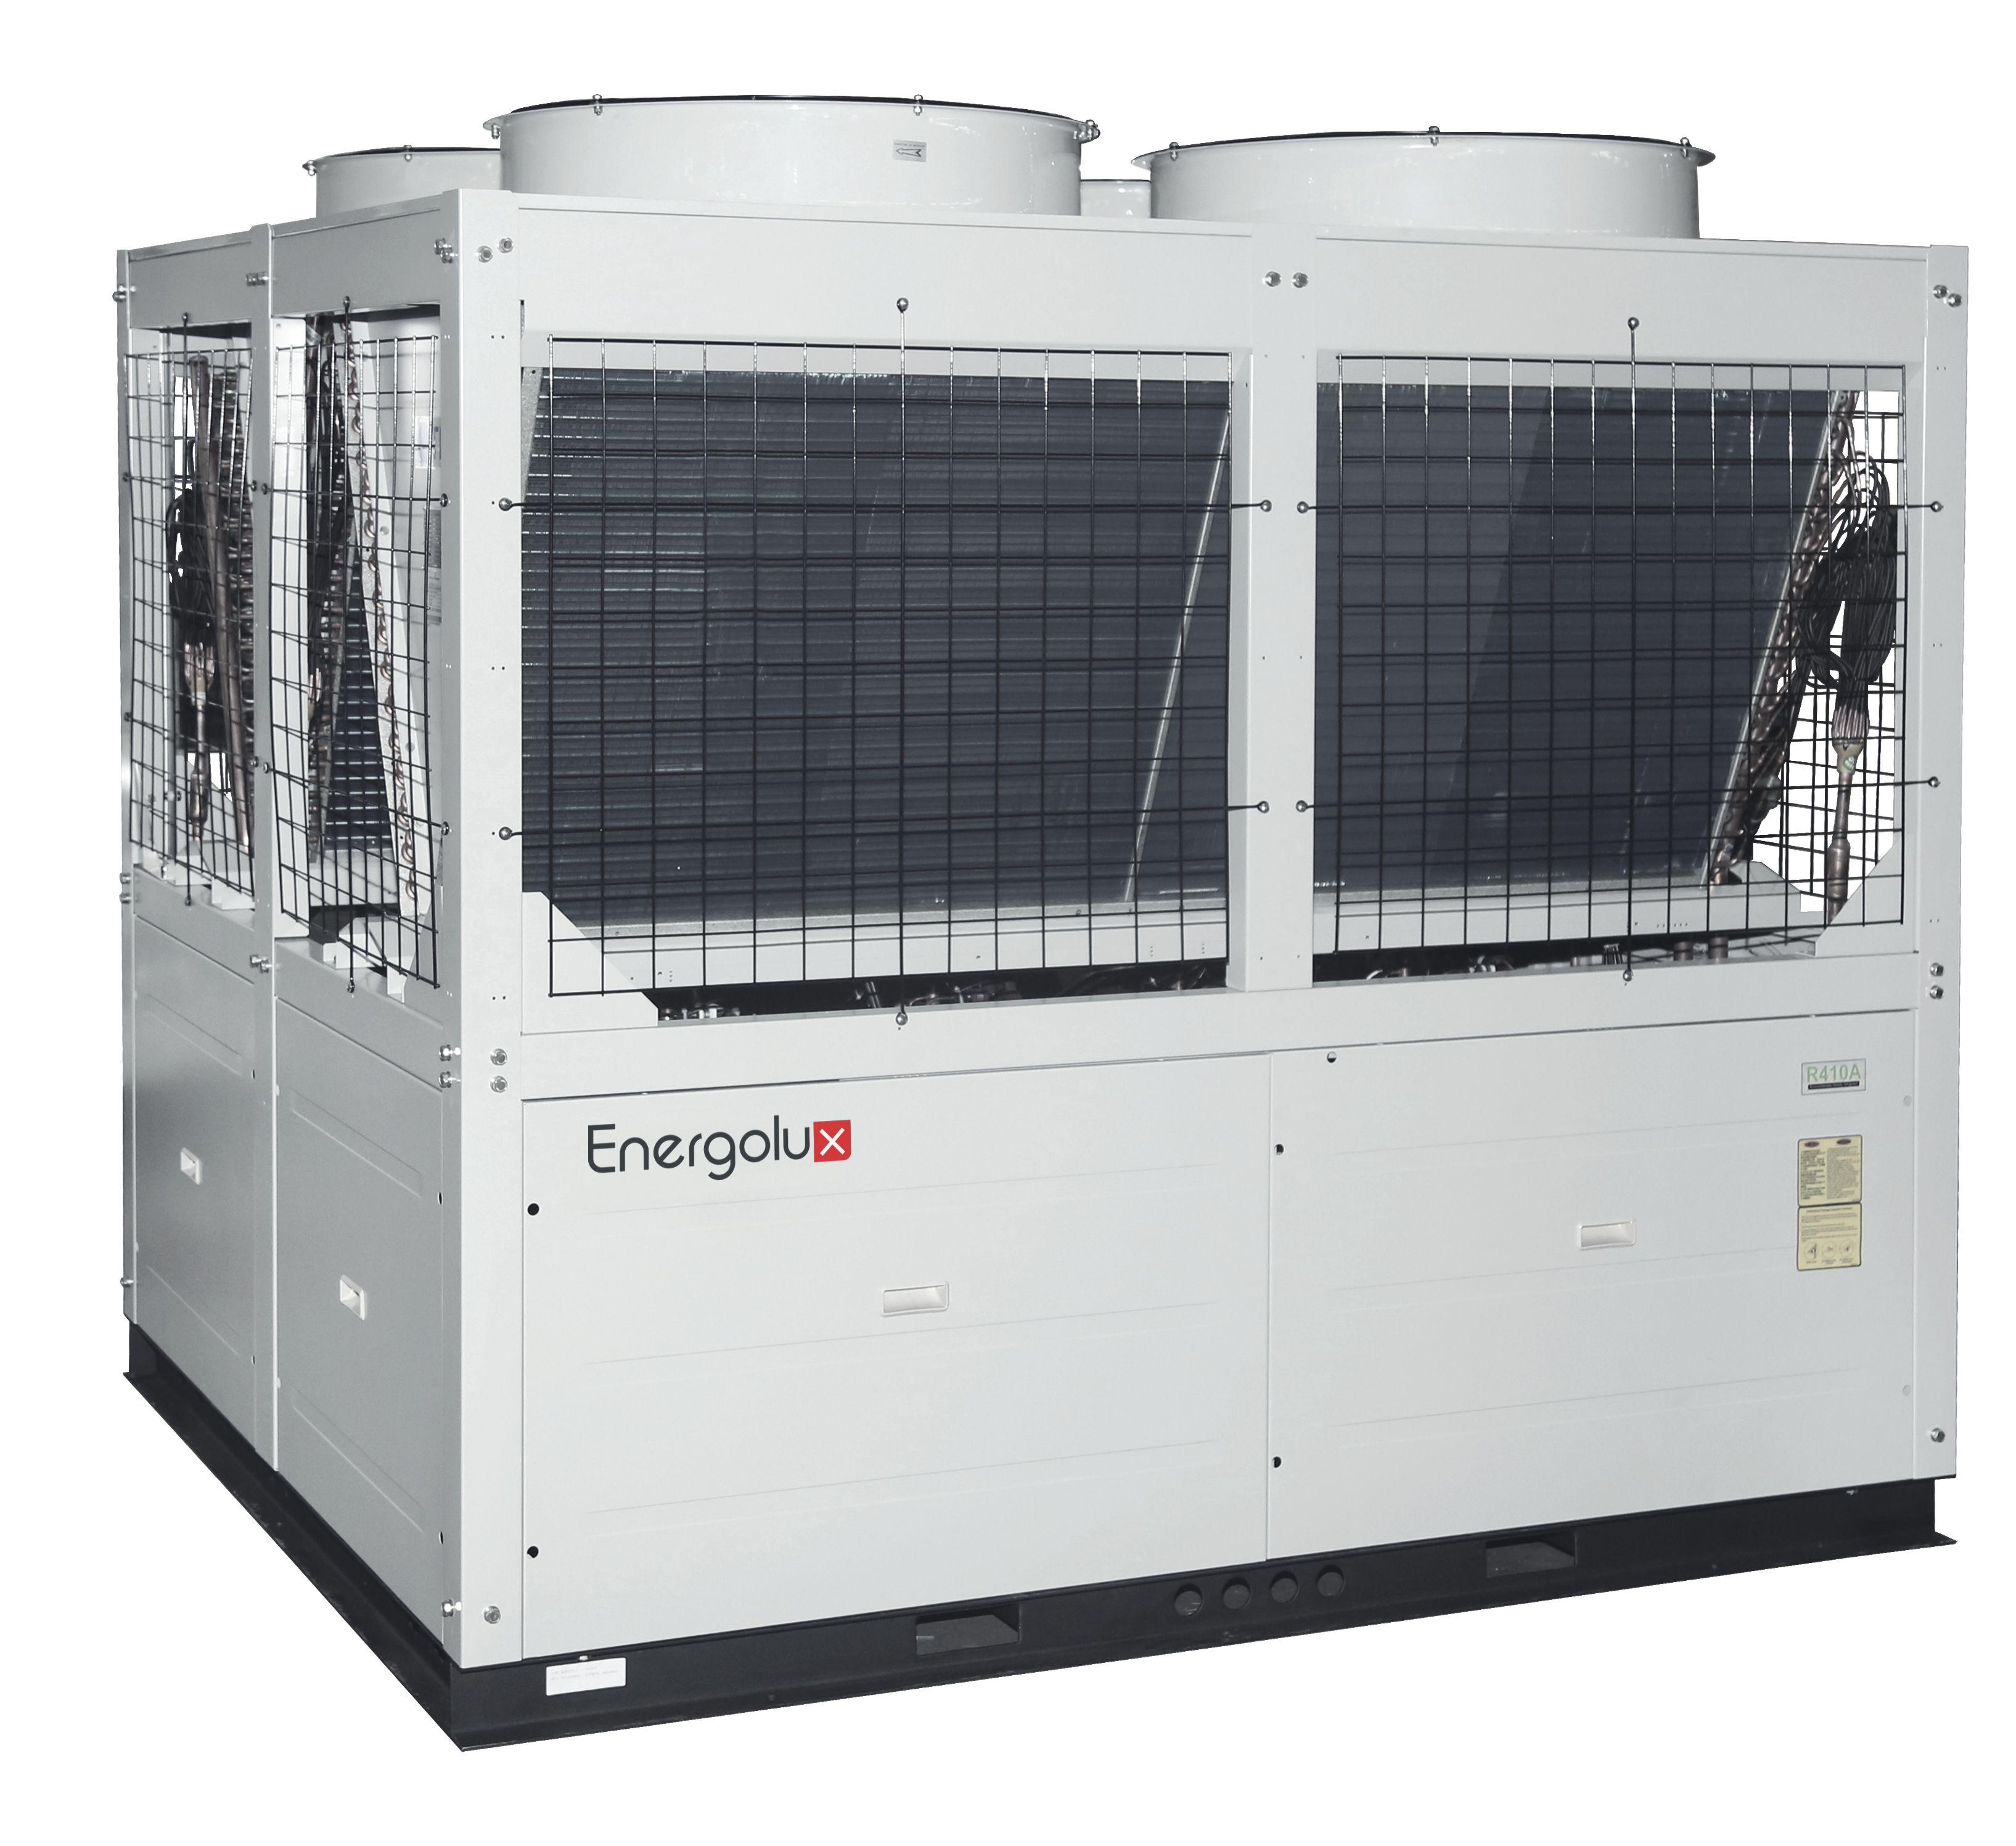 Energolux SCAW-M 260 ZHT